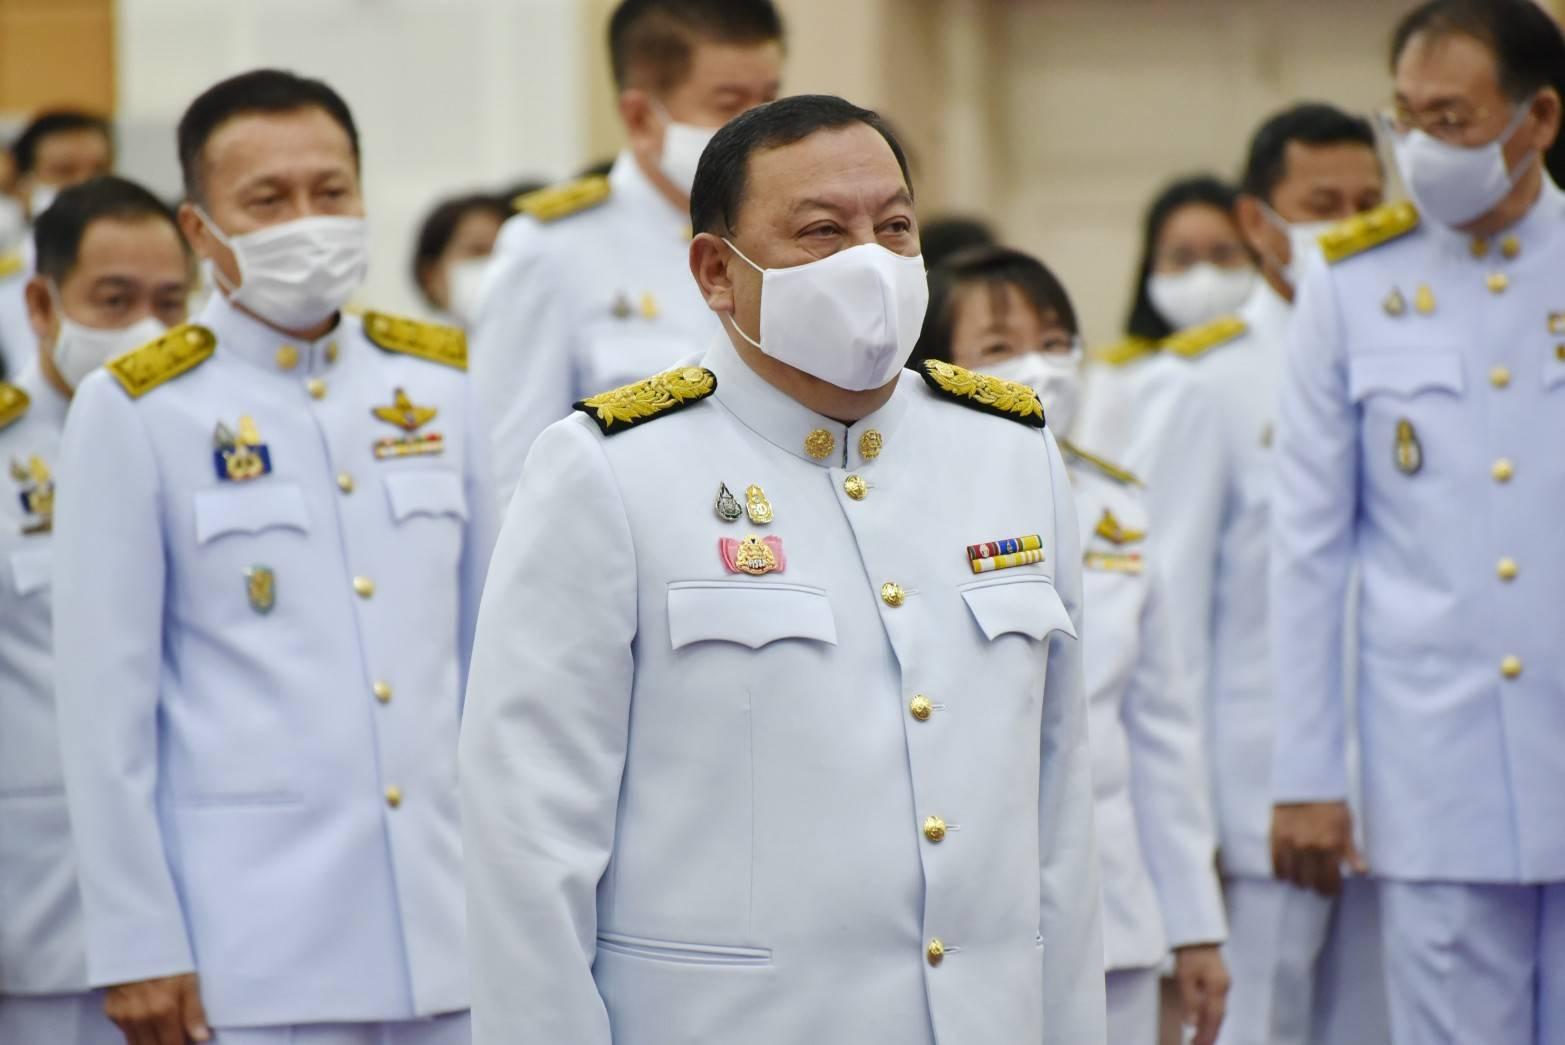 กรมการจัดหางาน ร่วมพิธีถวายสัตย์ปฏิญาณฯ ถวายพระพรชัยมงคลเนื่องในวันเฉลิมพระชนมพรรษาฯ